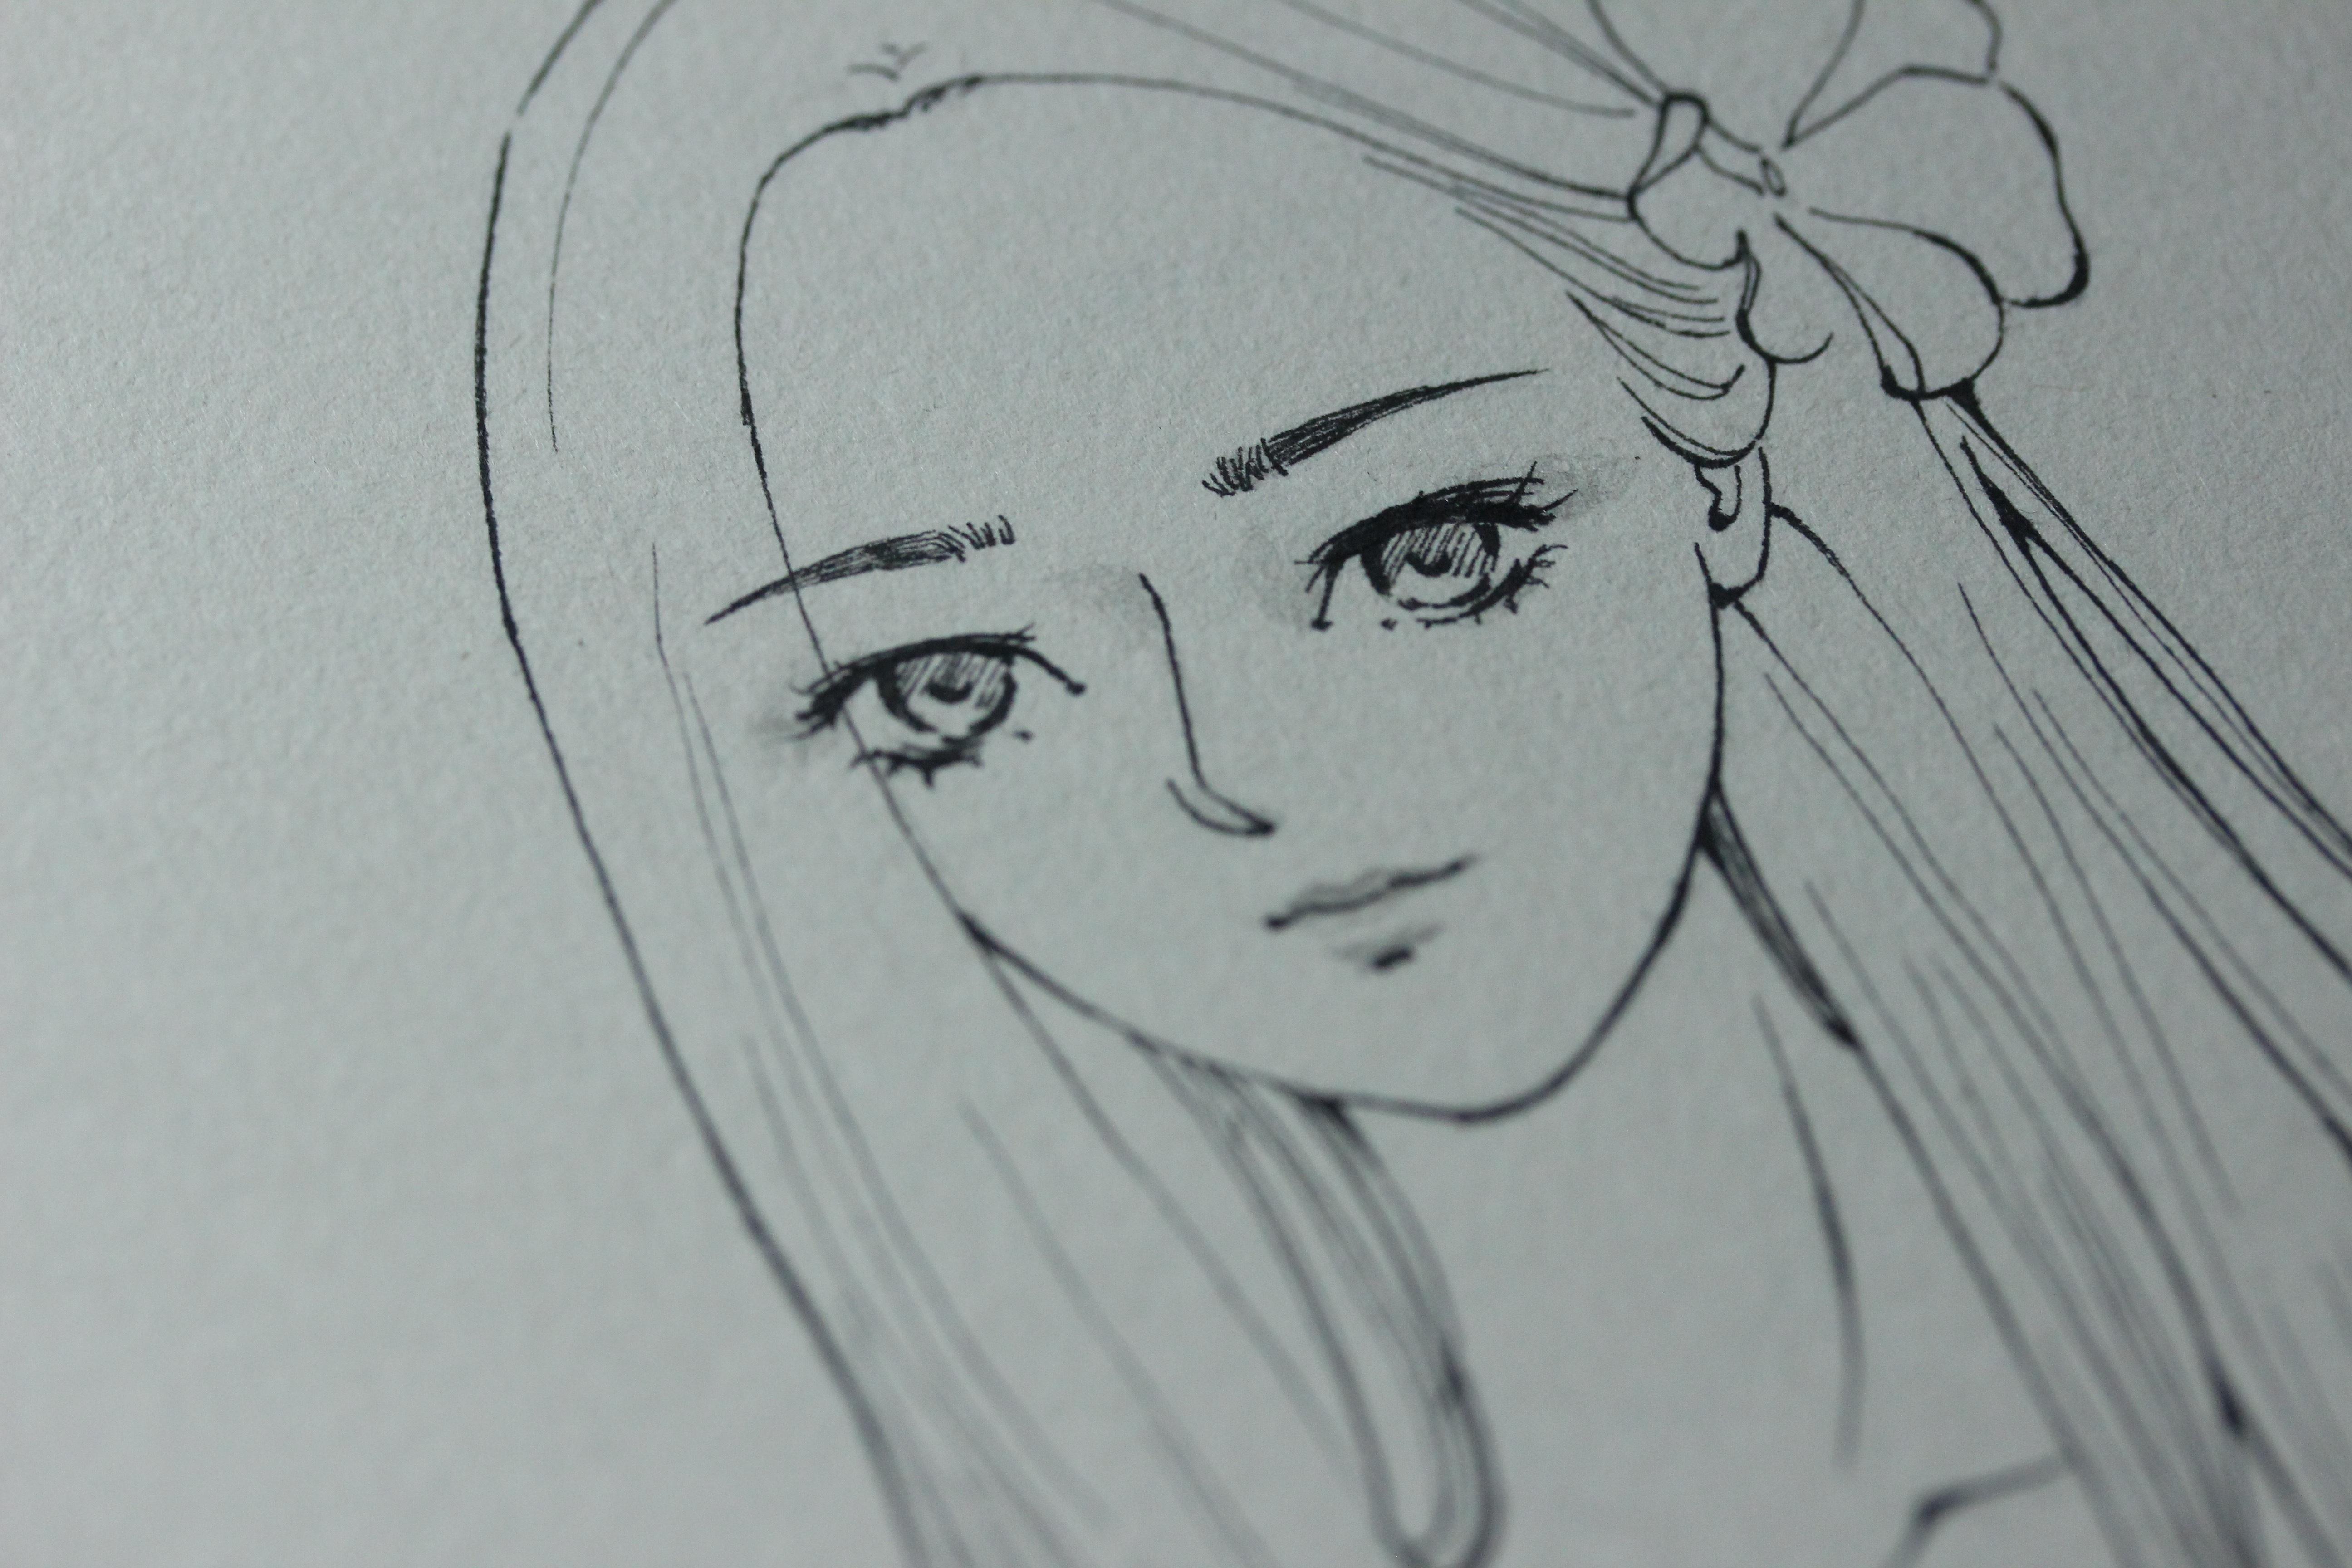 简单的黑白 插画 插画习作 阿fish - 原创作品 - 站酷